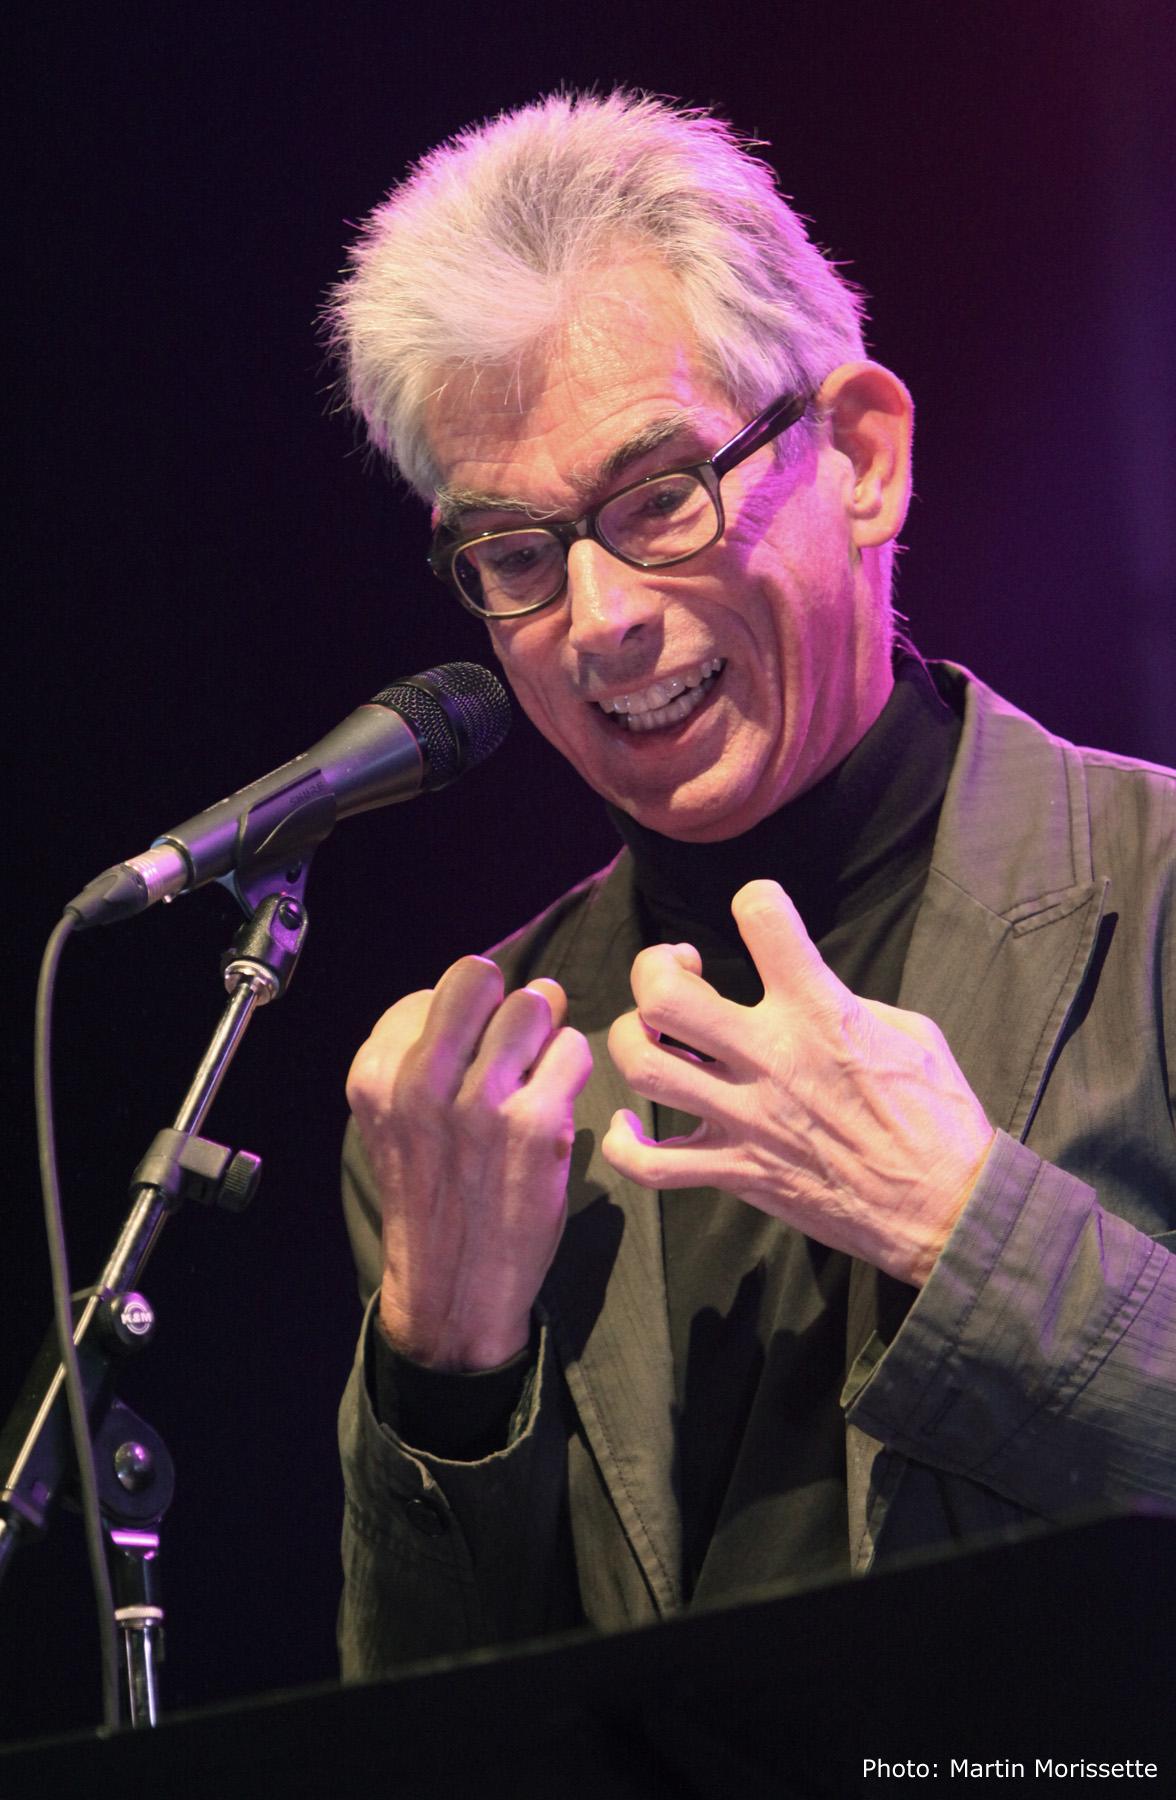 Jaap Blonk at Fimav 2011